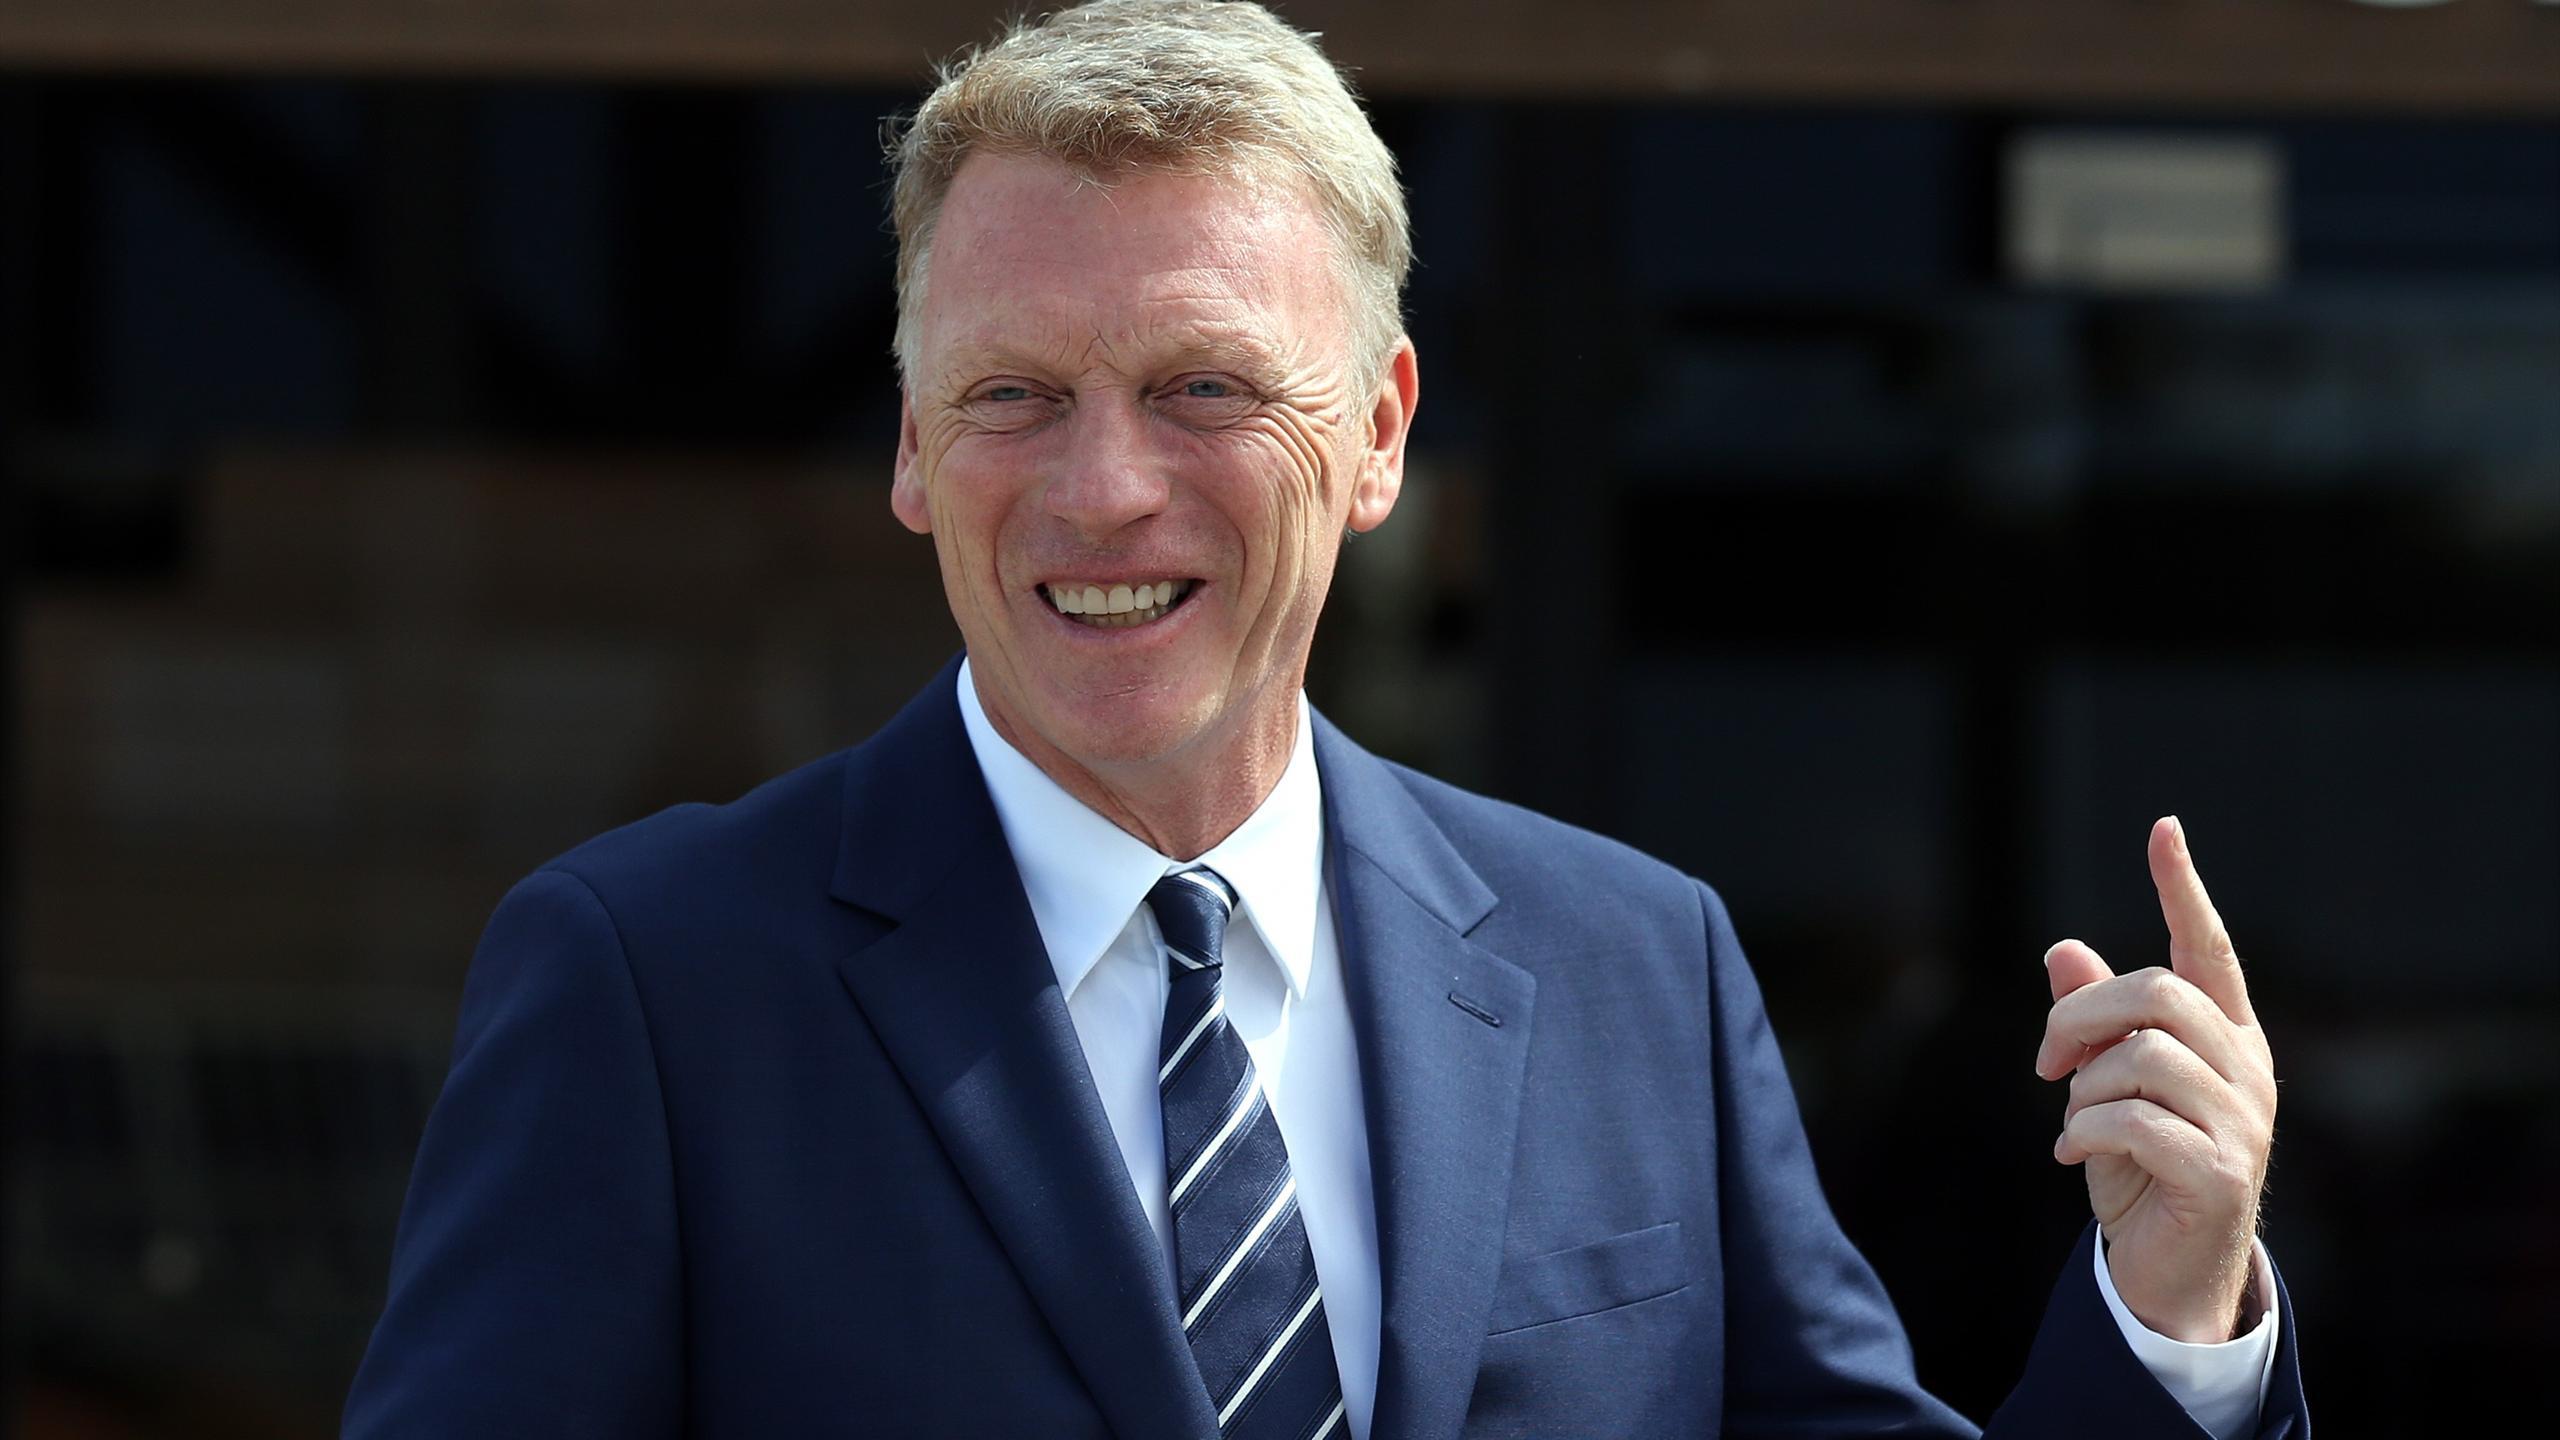 David Moyes, the new Sunderland manager